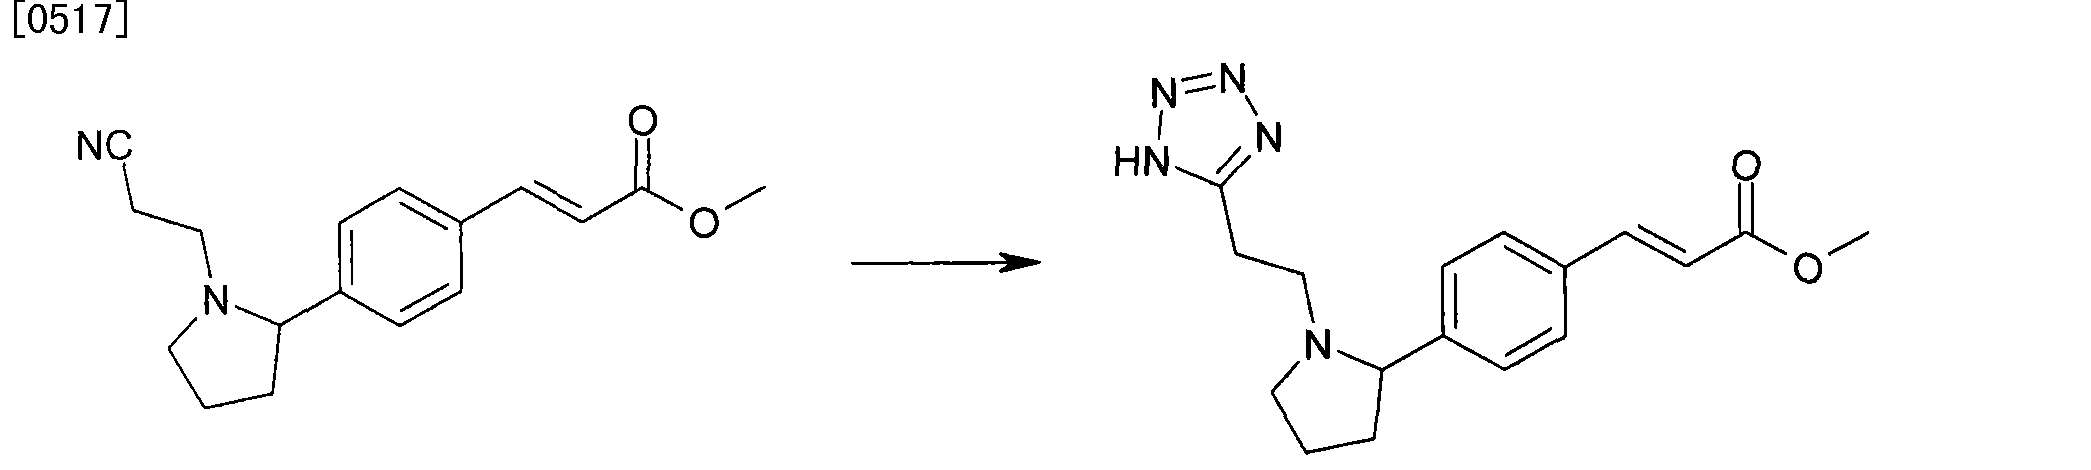 Figure CN102036955BD00822